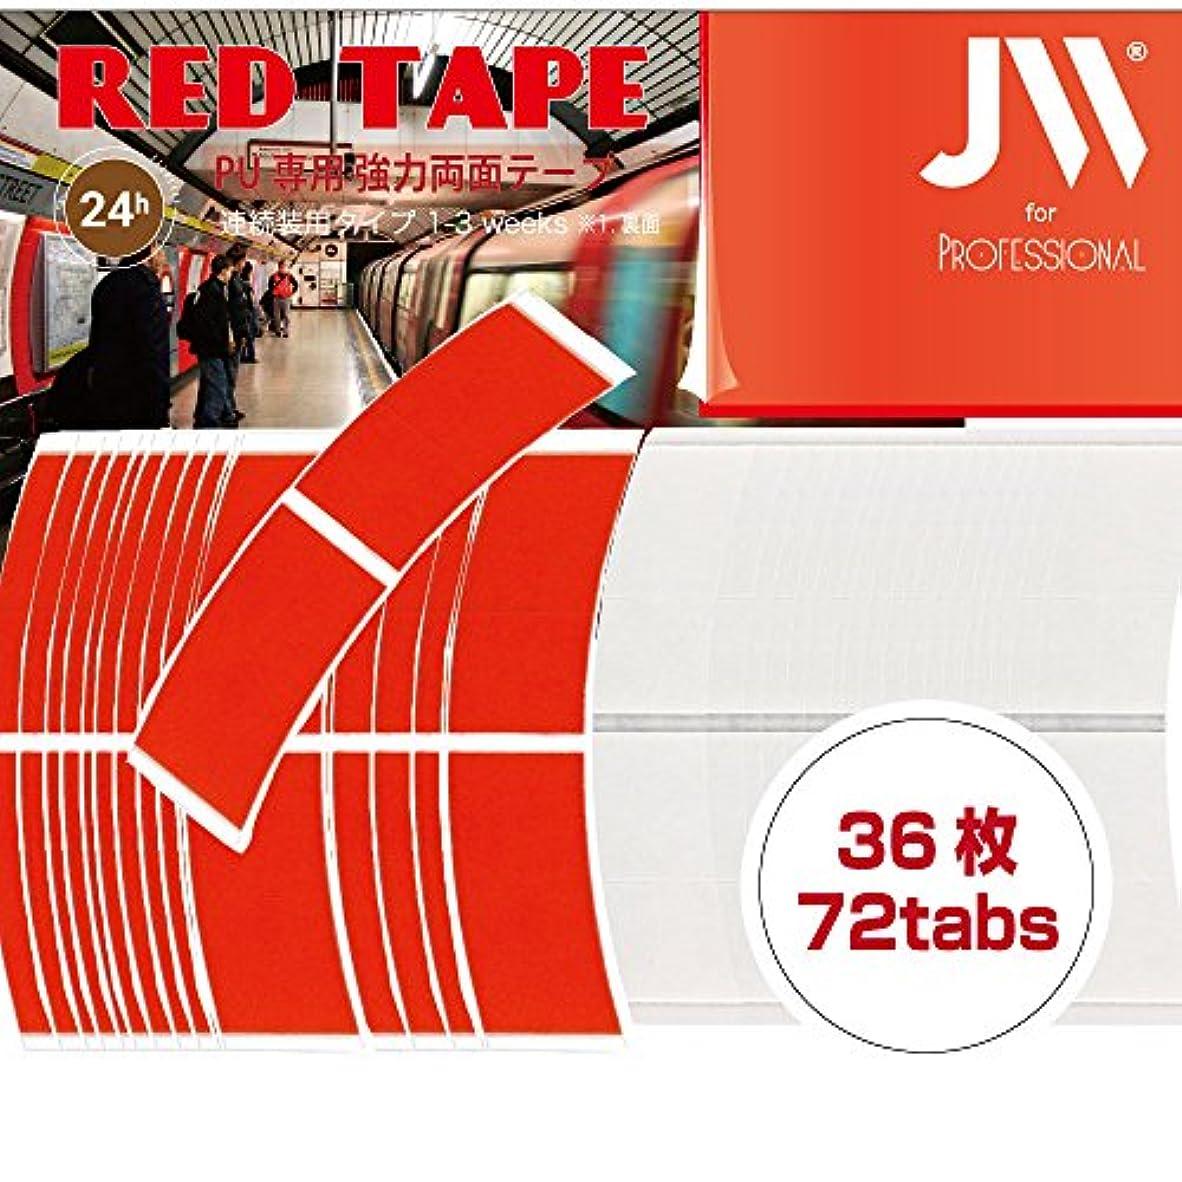 暴露ほこり果てしない強力両面テープ:RED TAPE1袋36枚入り(小分け72枚)テープ形状:アジアカーブ …